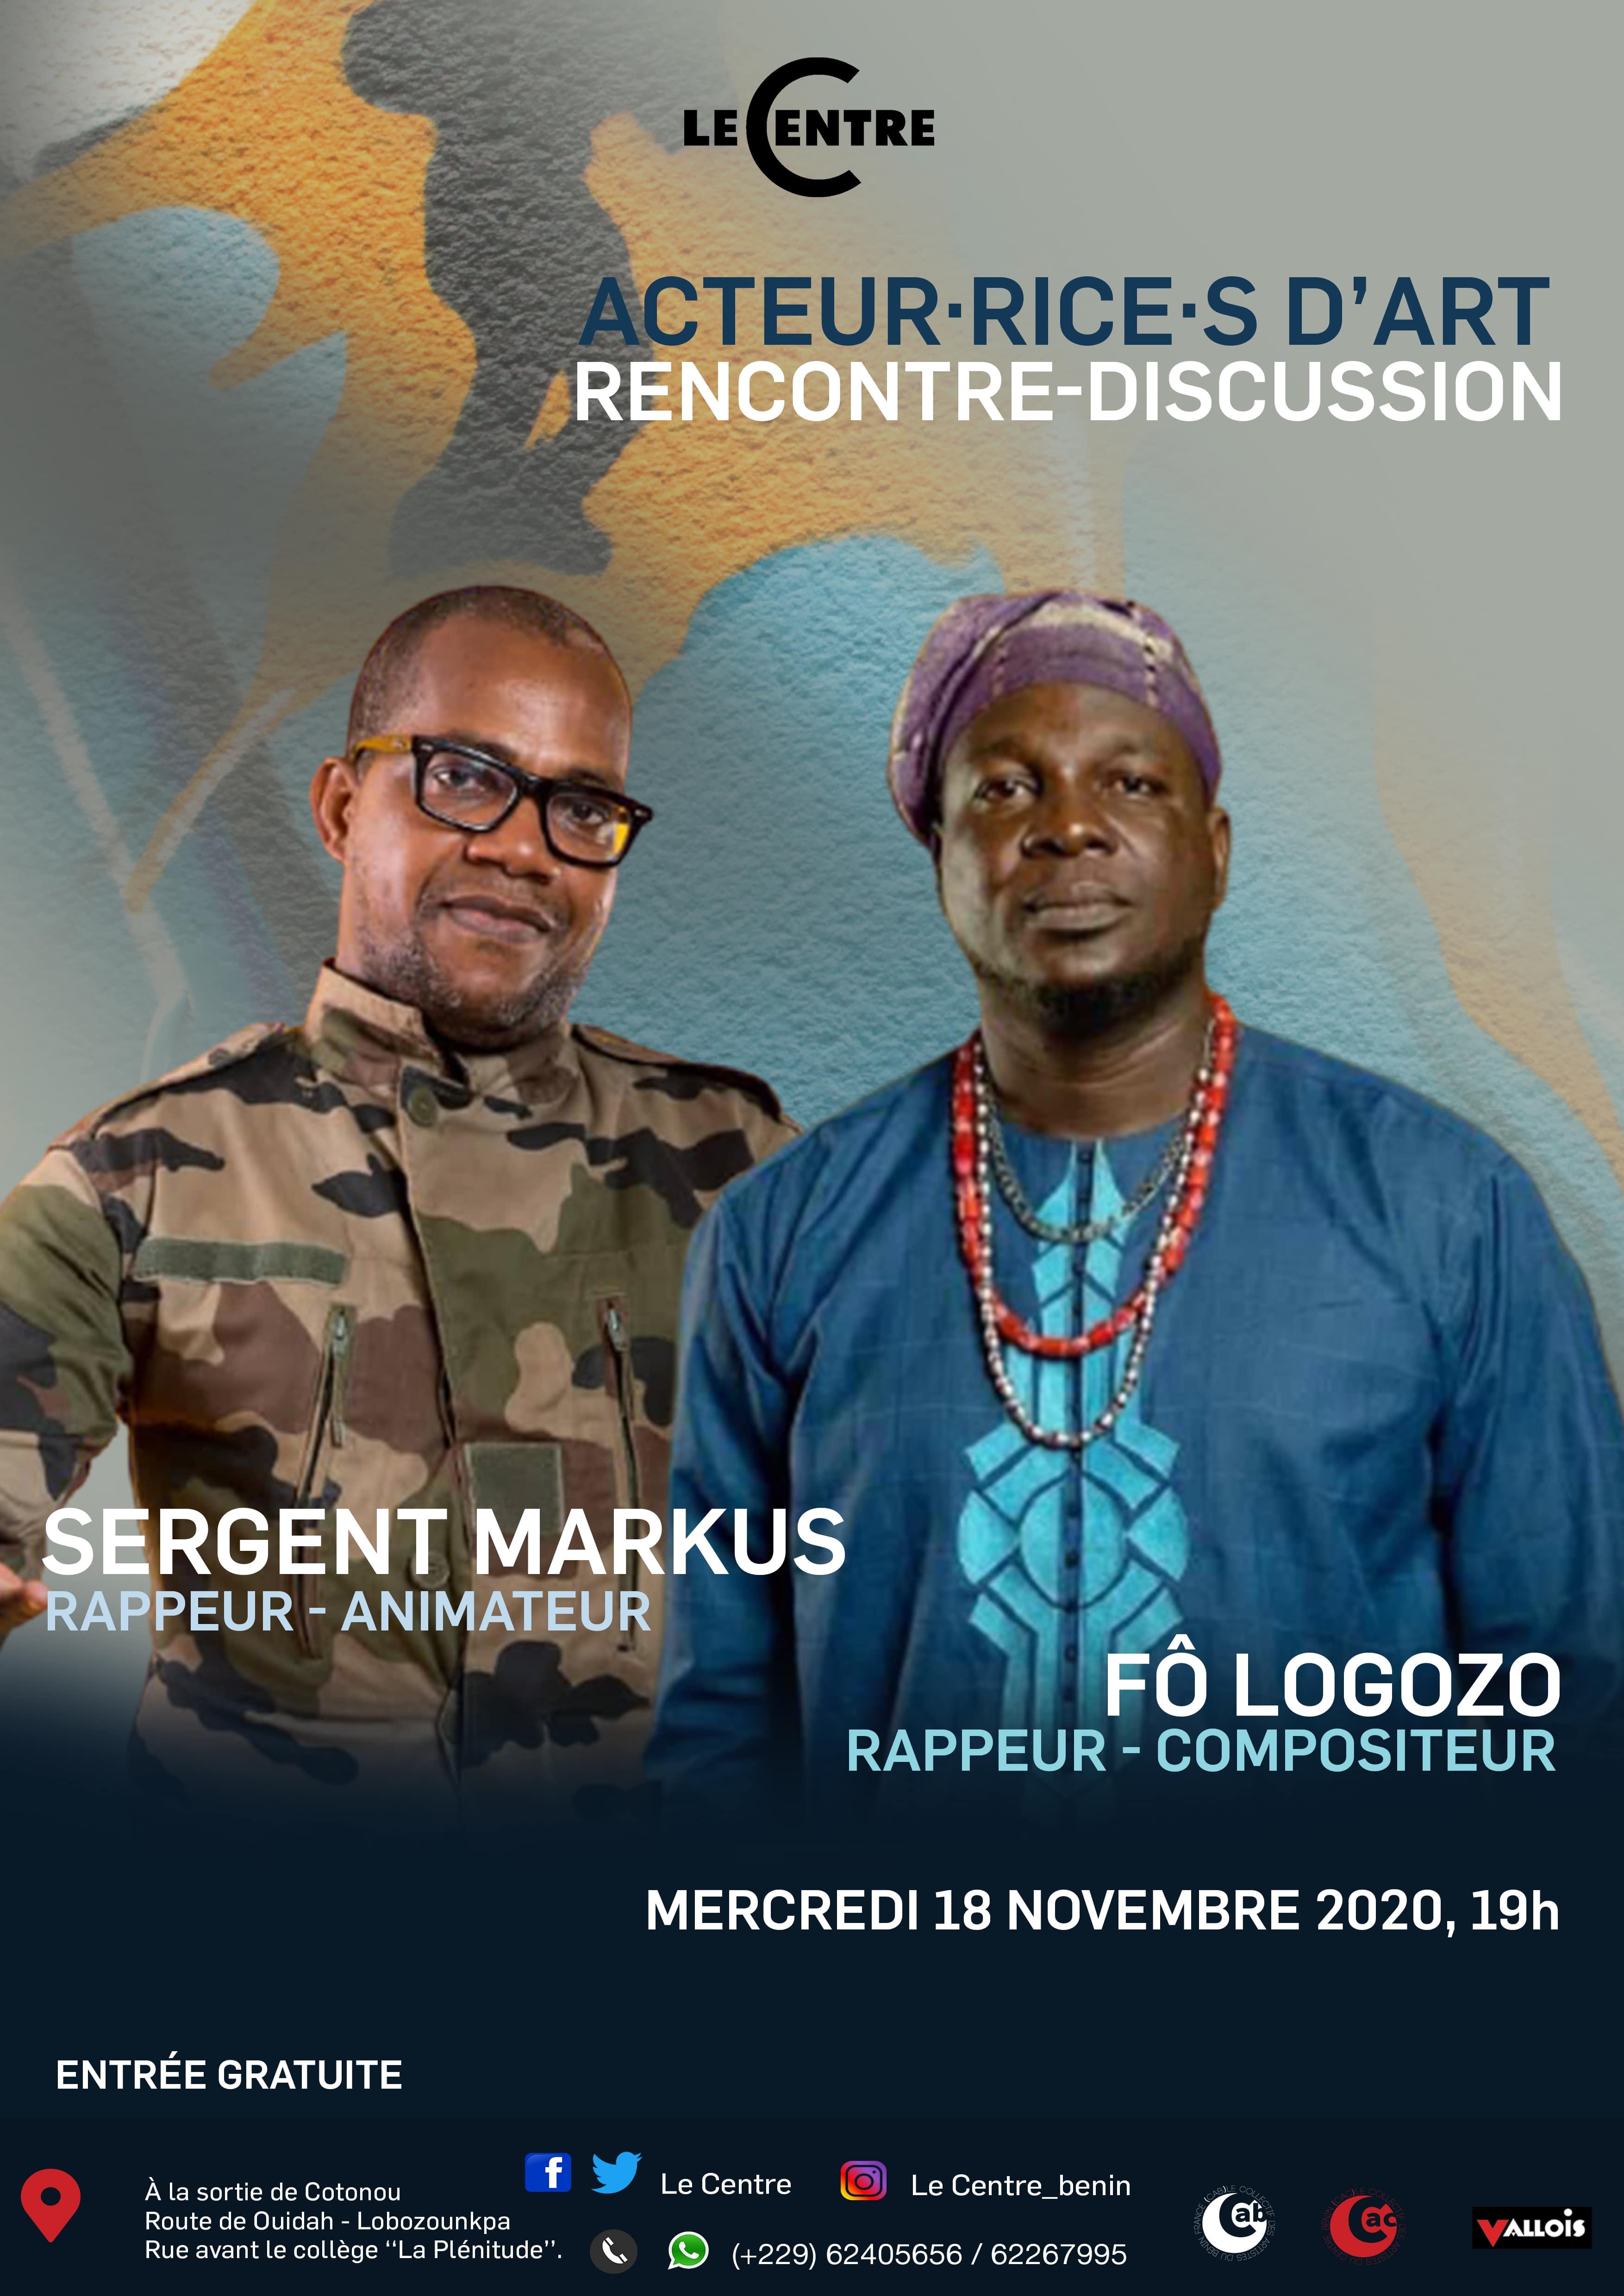 Acteur·rice·s d'art, Sergent Markus et Fô Logozo